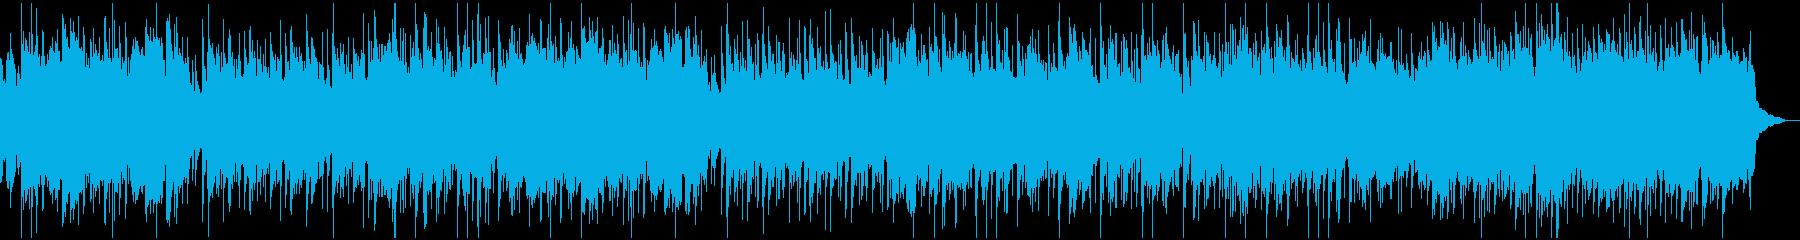 ゆったり和楽器ポップの再生済みの波形